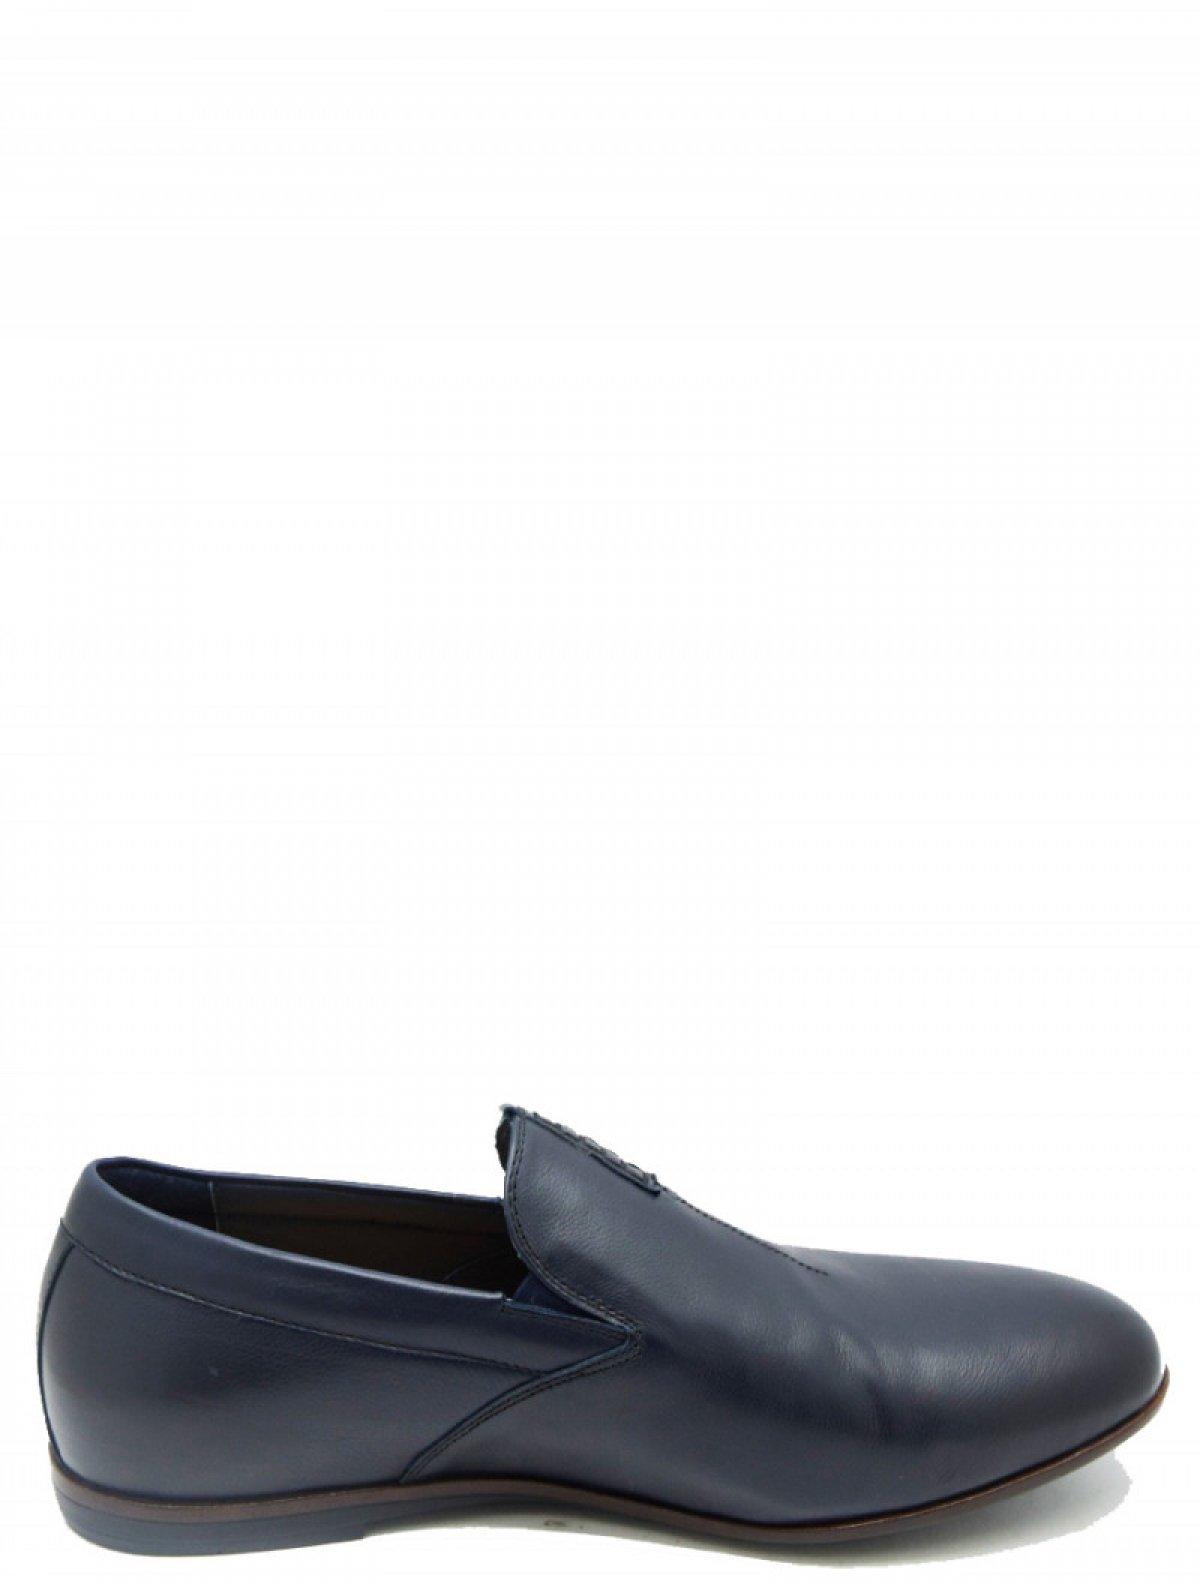 Hortos 687419/01-03 мужские туфли